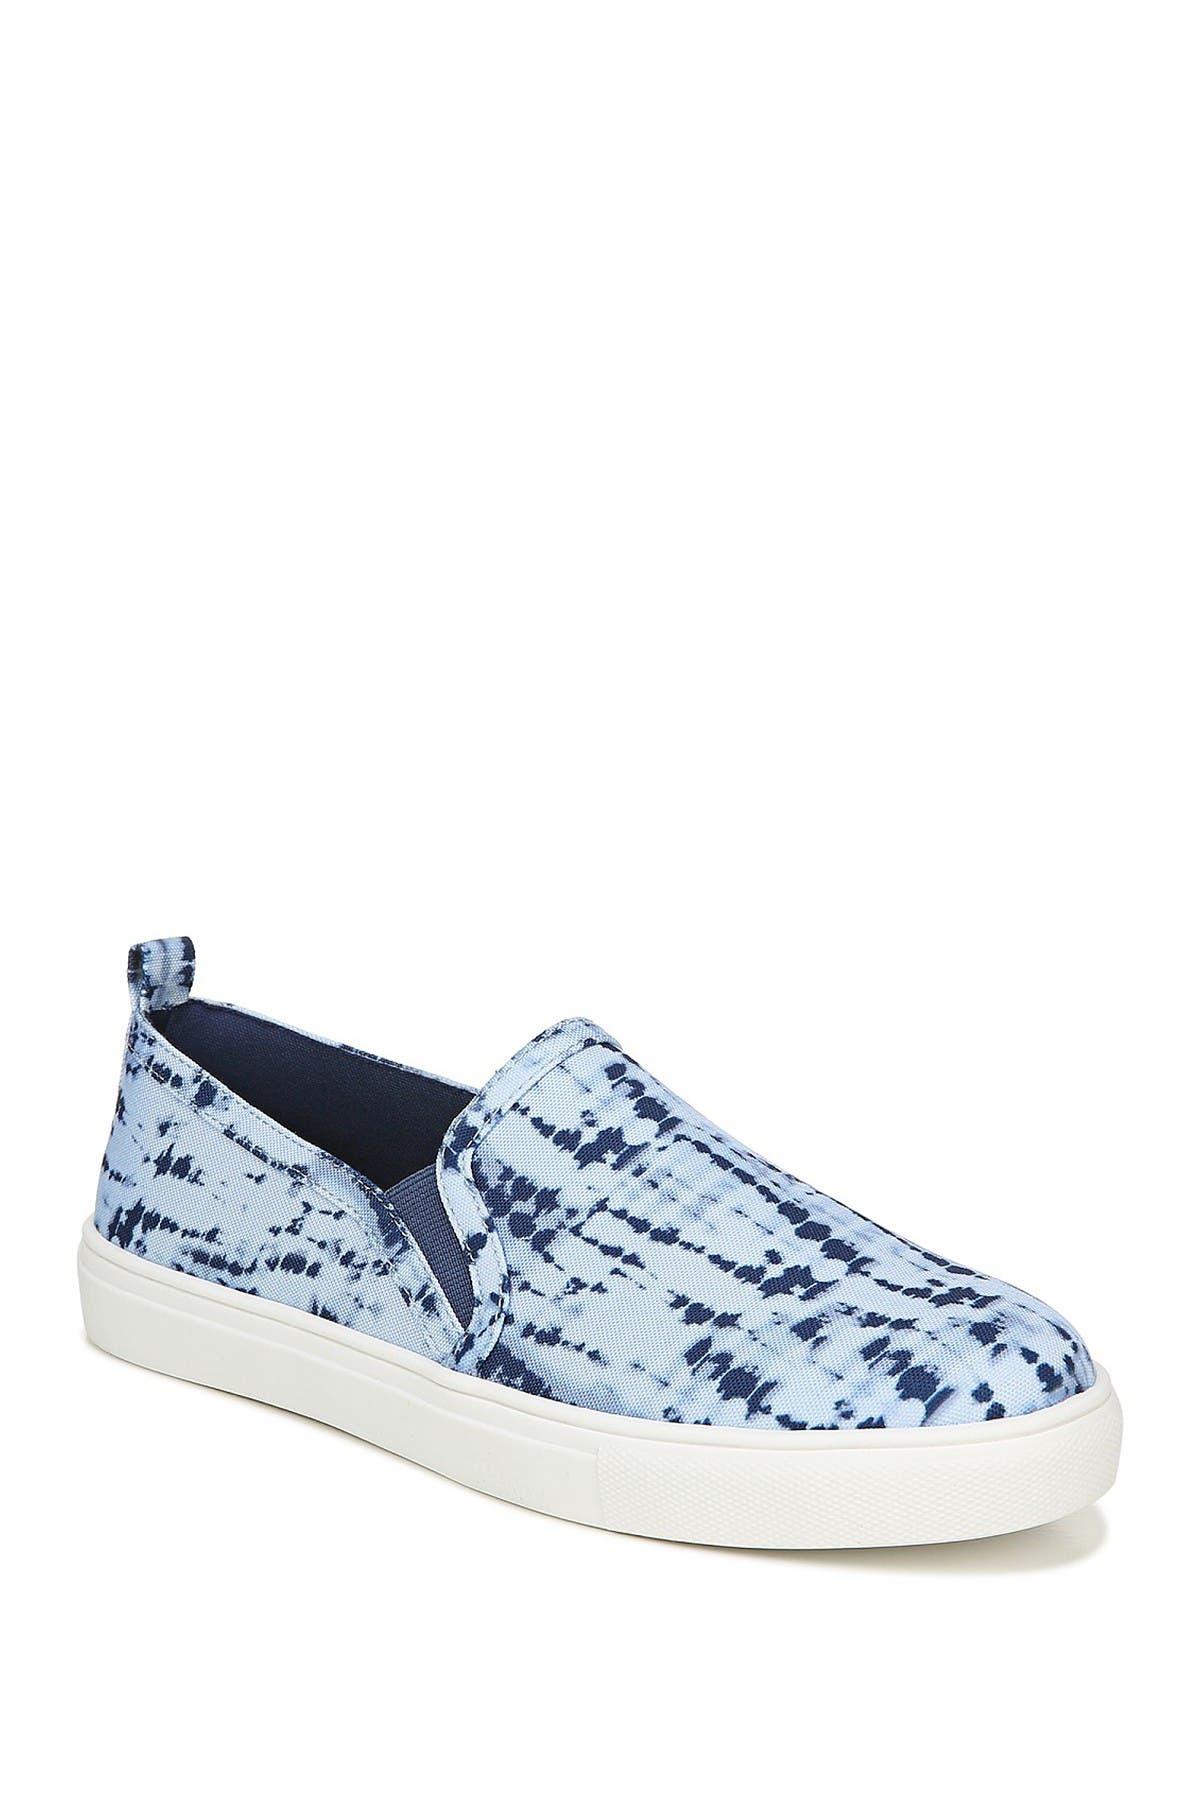 Image of Fergalicious Shortly Tie Dye Slip-On Sneaker